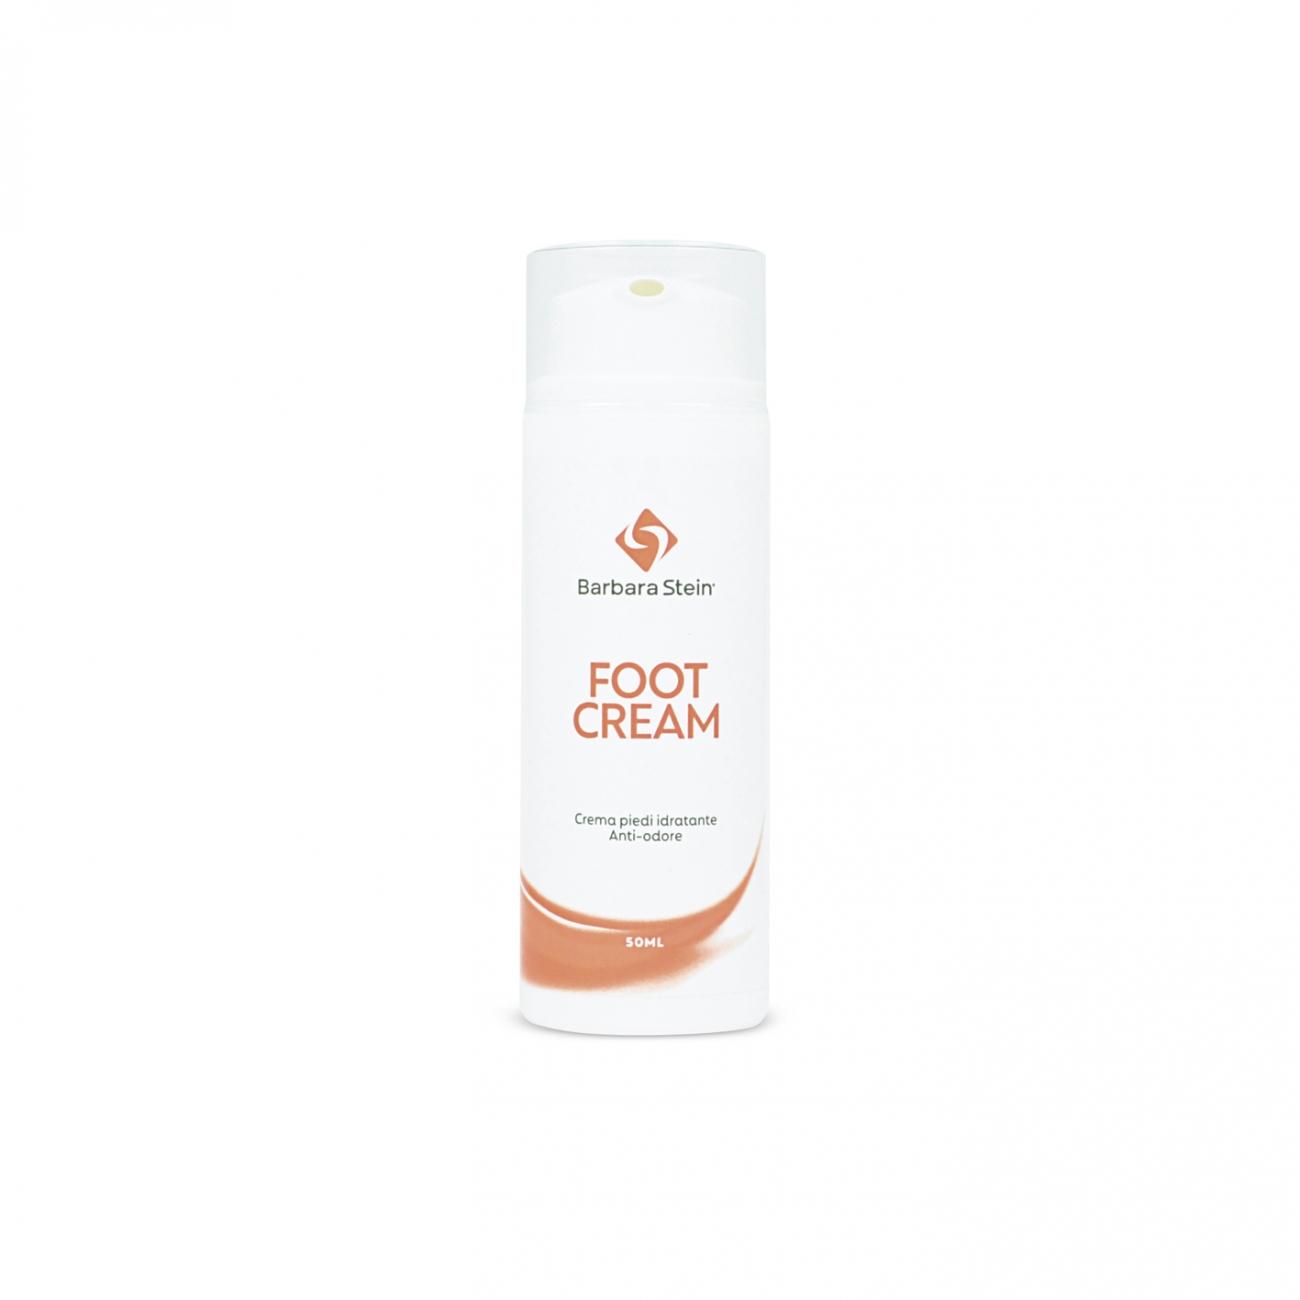 FOOT CREAM (50 ml)